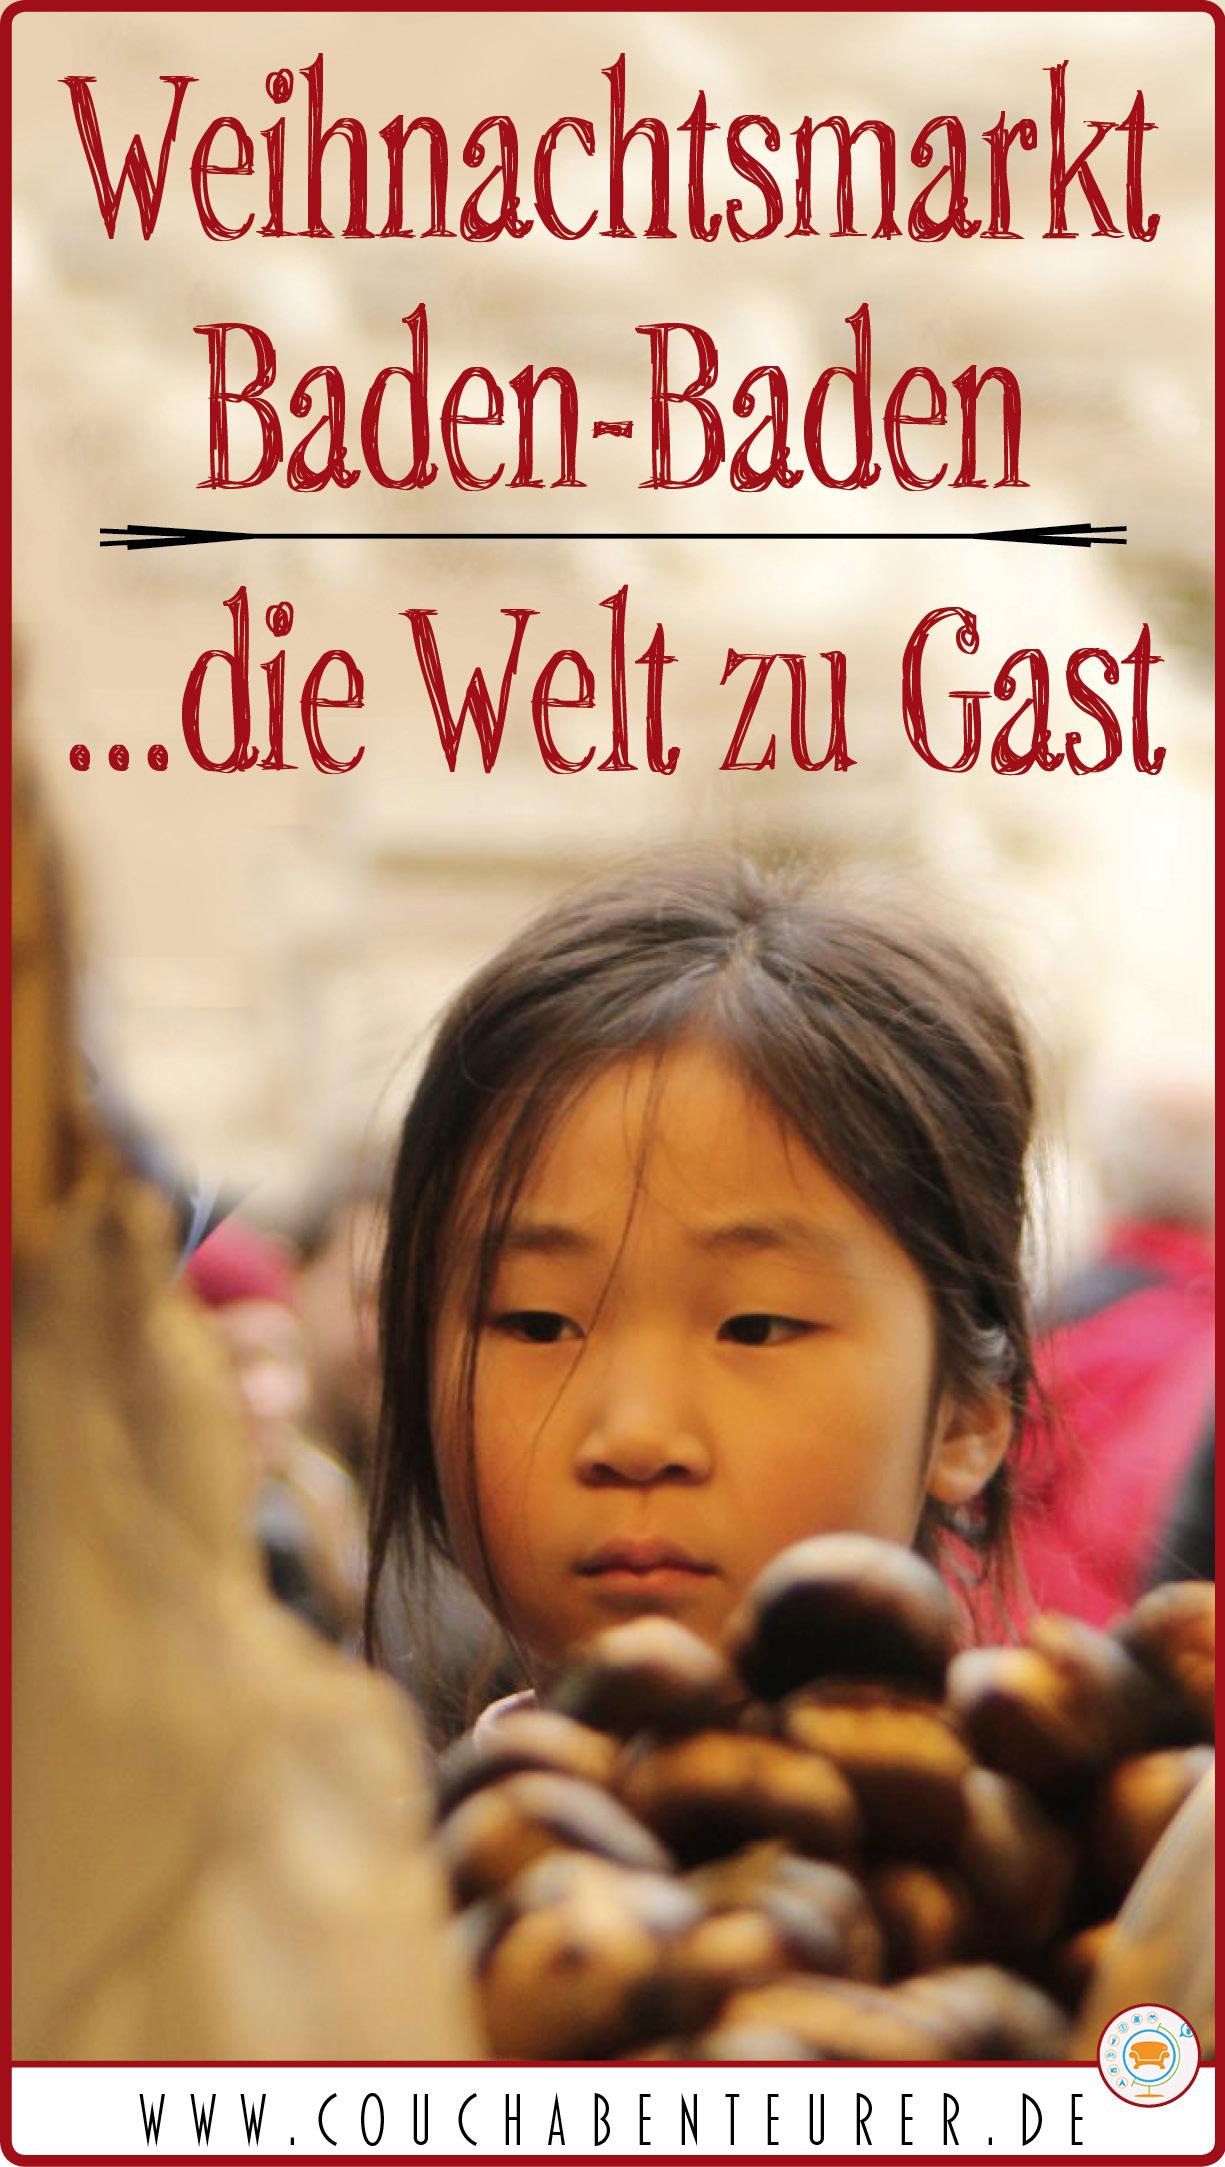 Weihnachtsmarkt-Baden-Baden-die-Welt-zu-Gast